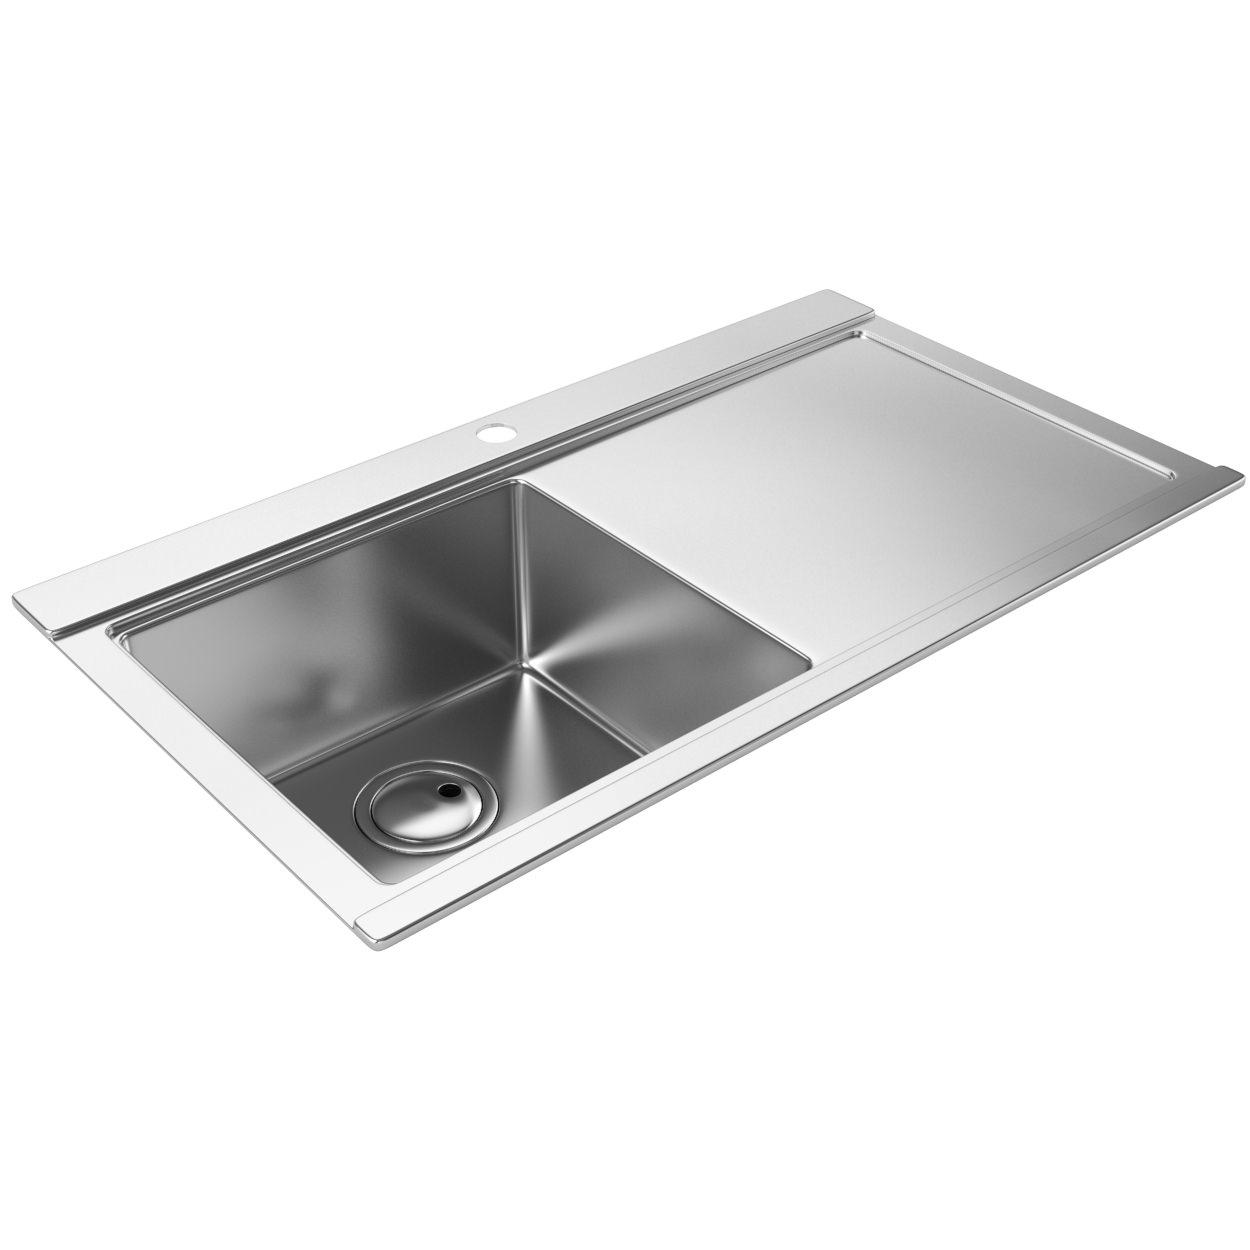 Abode Logik 1.0 Kitchen Sink - Inset Kitchen Sink | AW5019